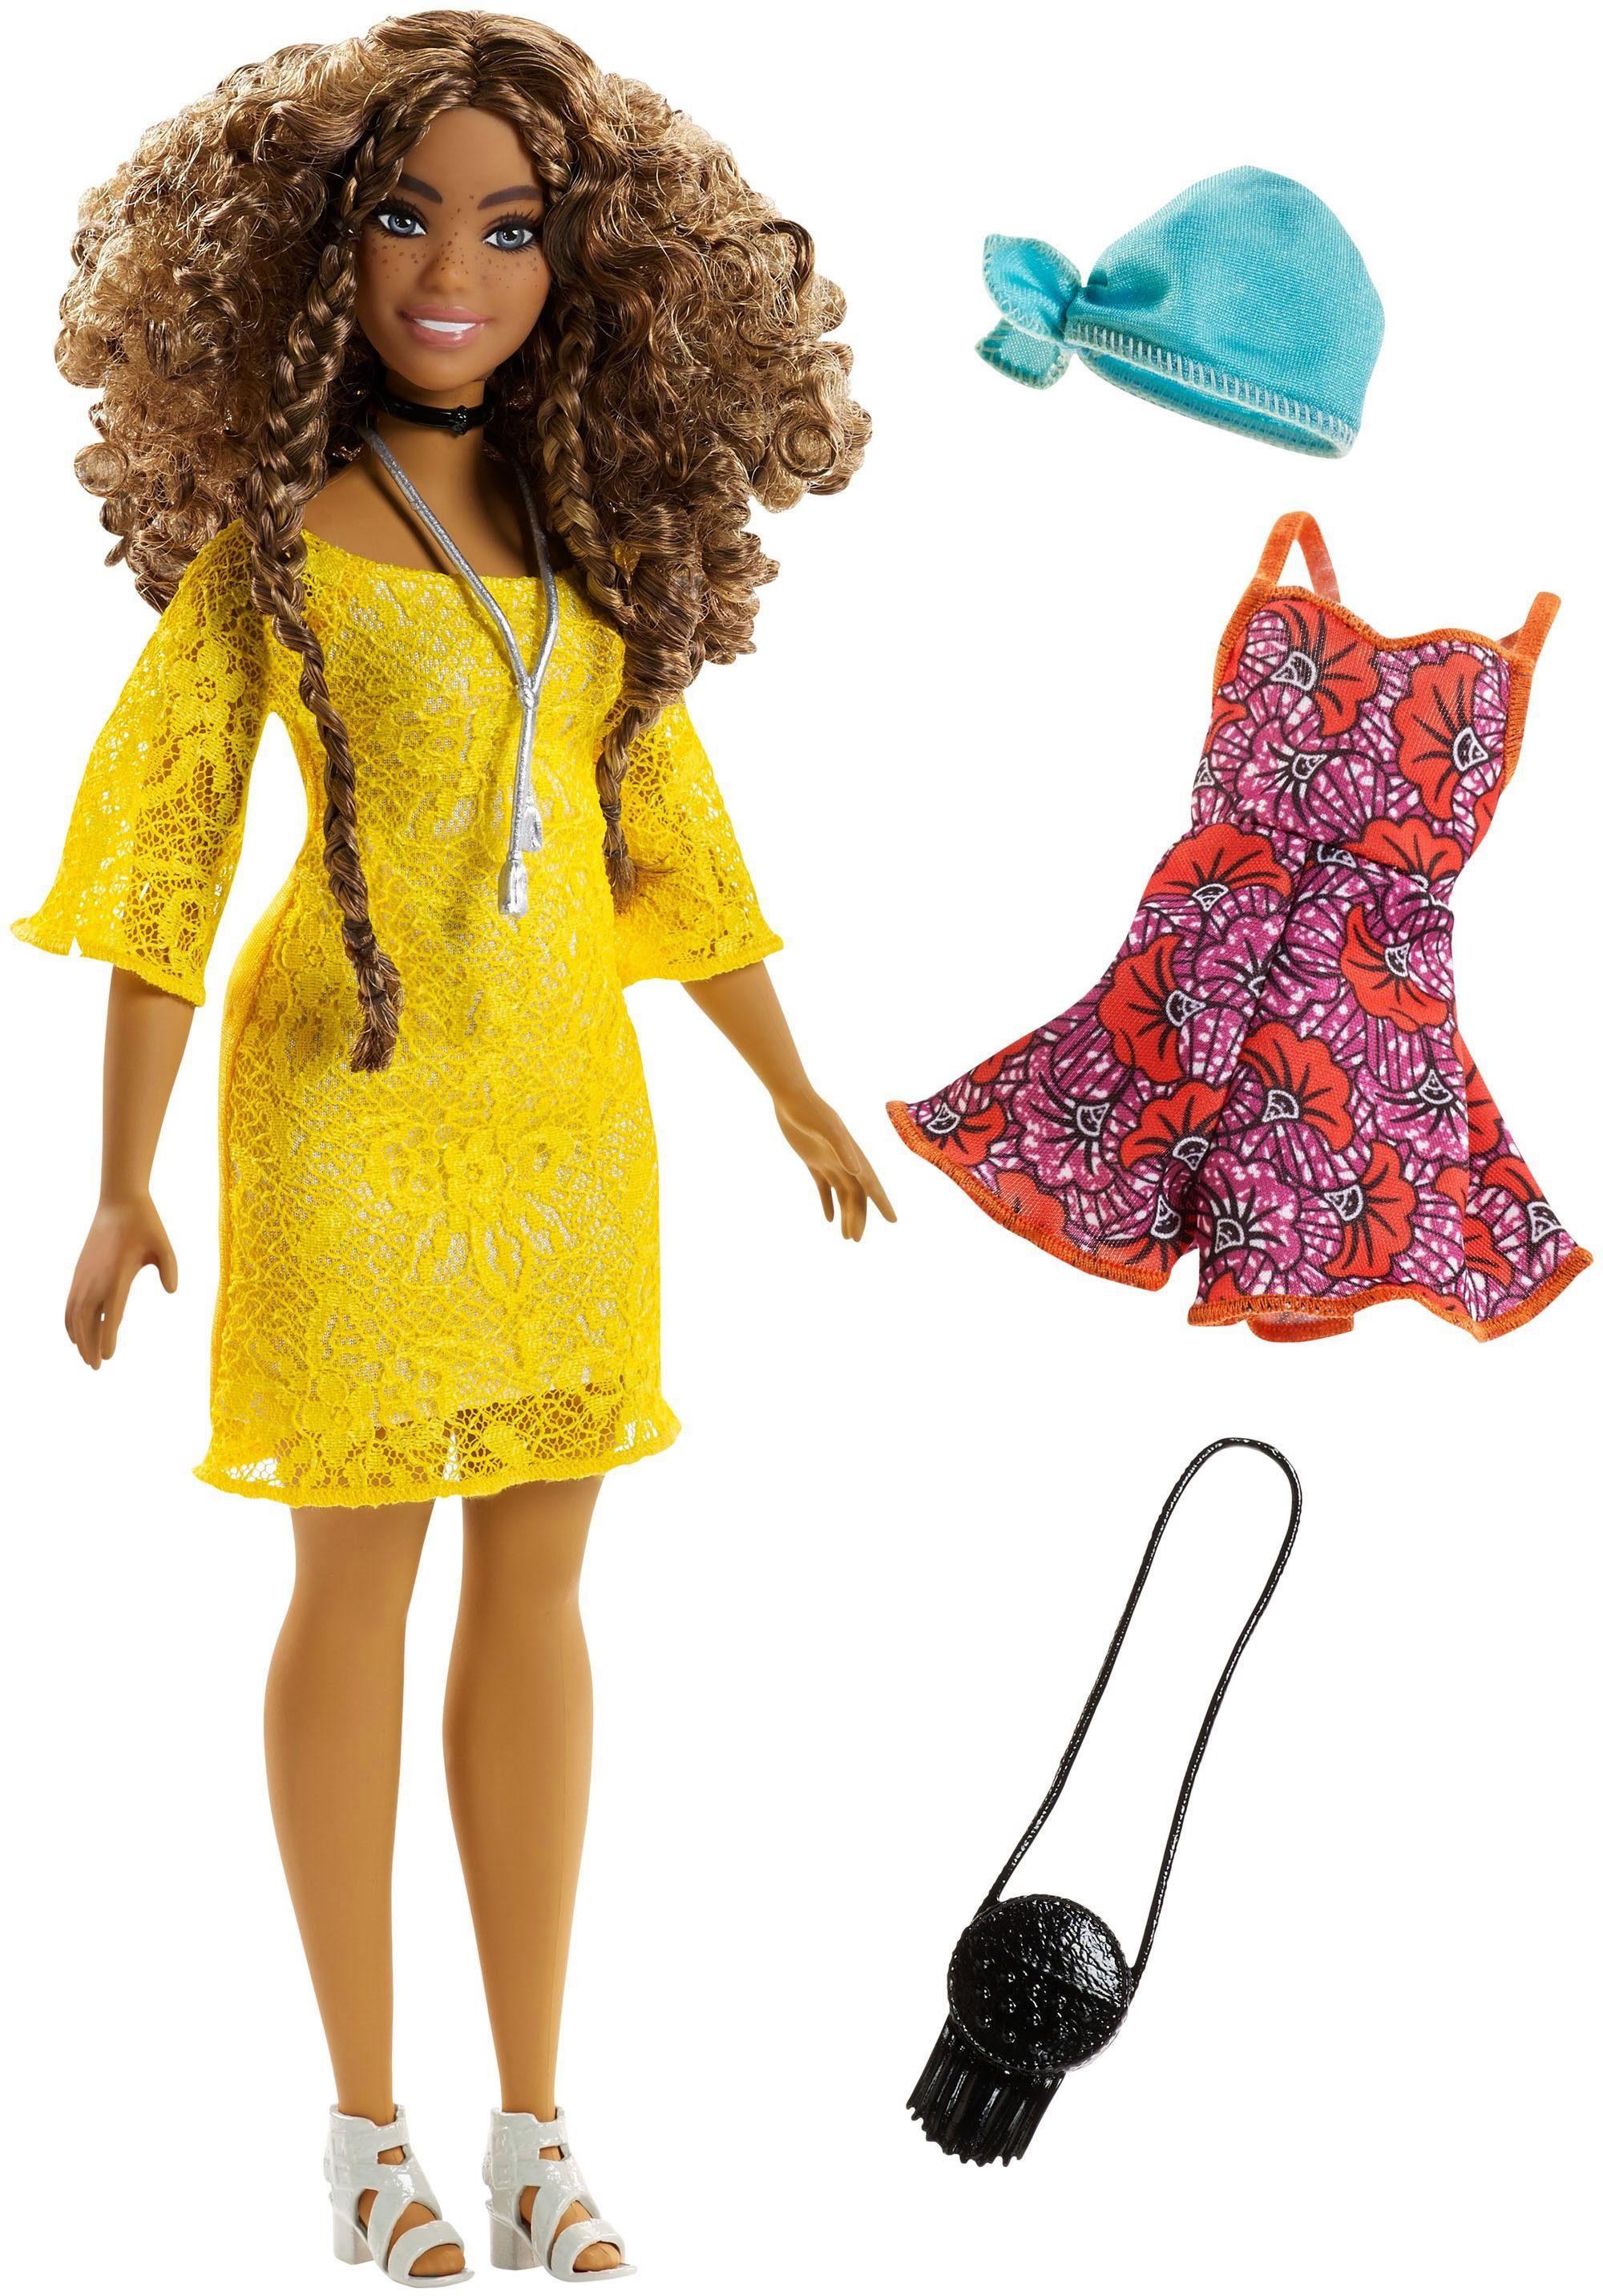 Mattel Puppe, »Barbie Fashionistas Puppe und Mode im gelben Spitzenkleid«